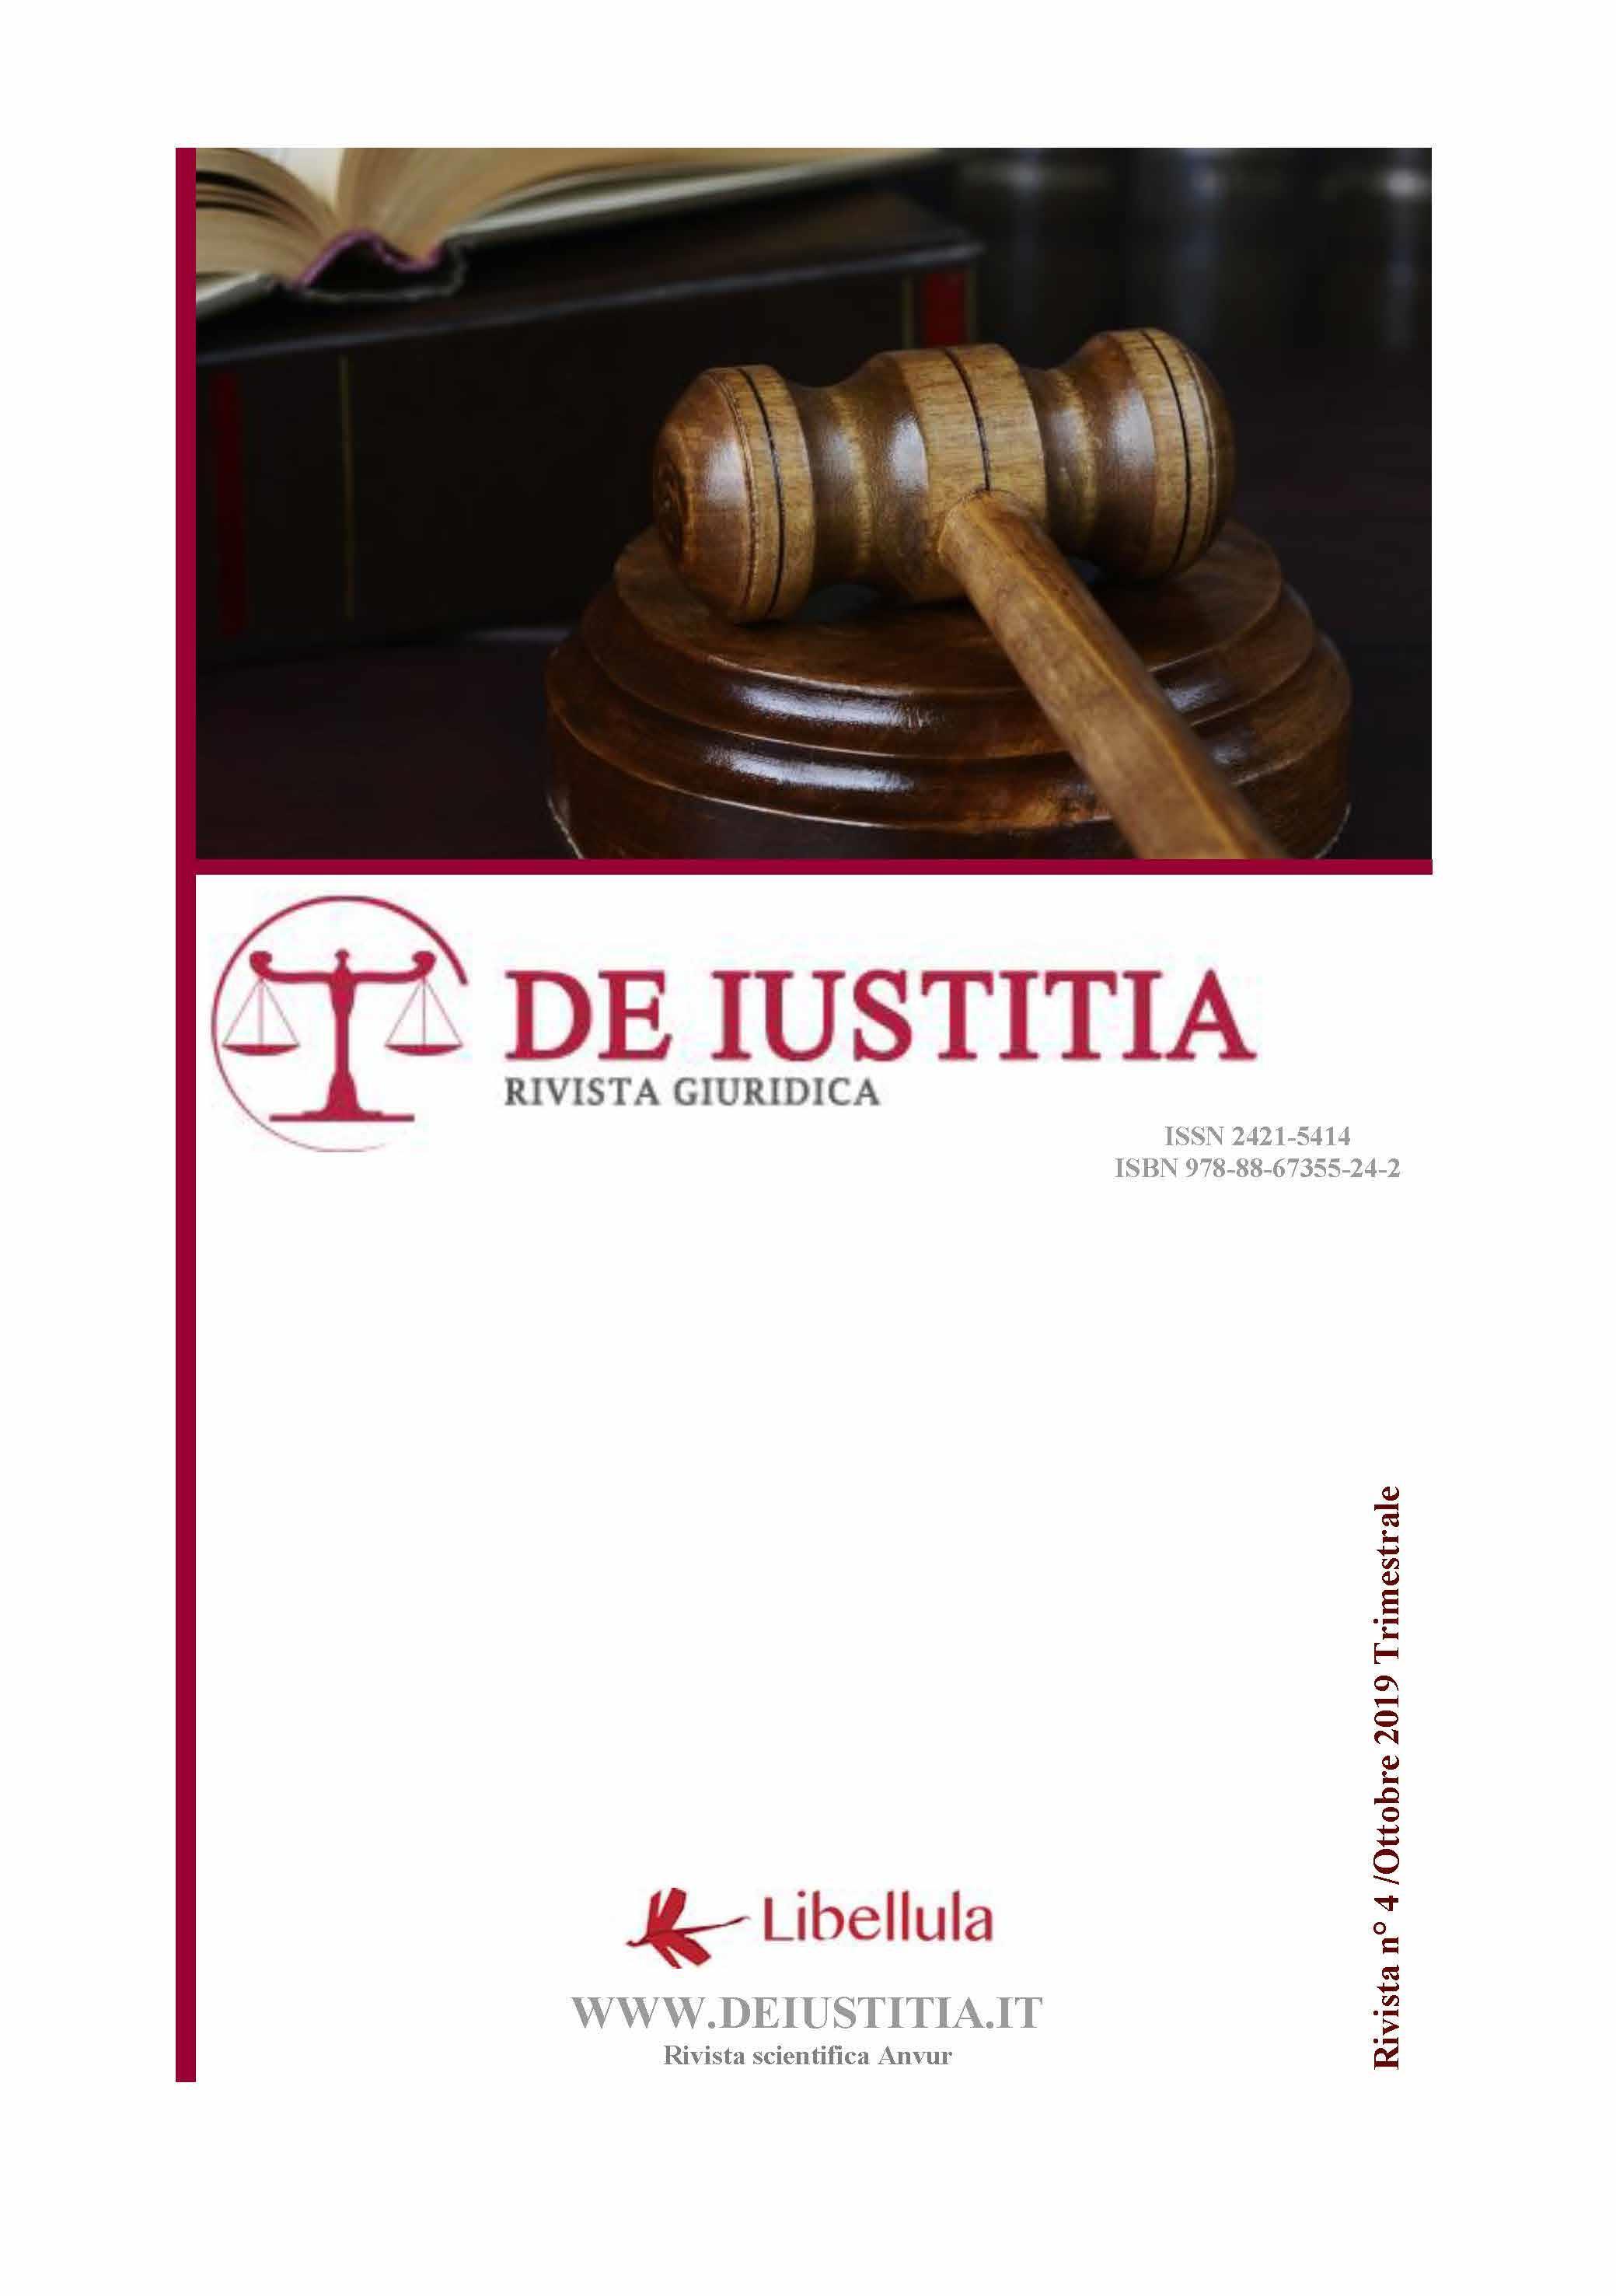 De Iustitia - Rivista di informazione giuridica - N. 4 Ottobre 2019